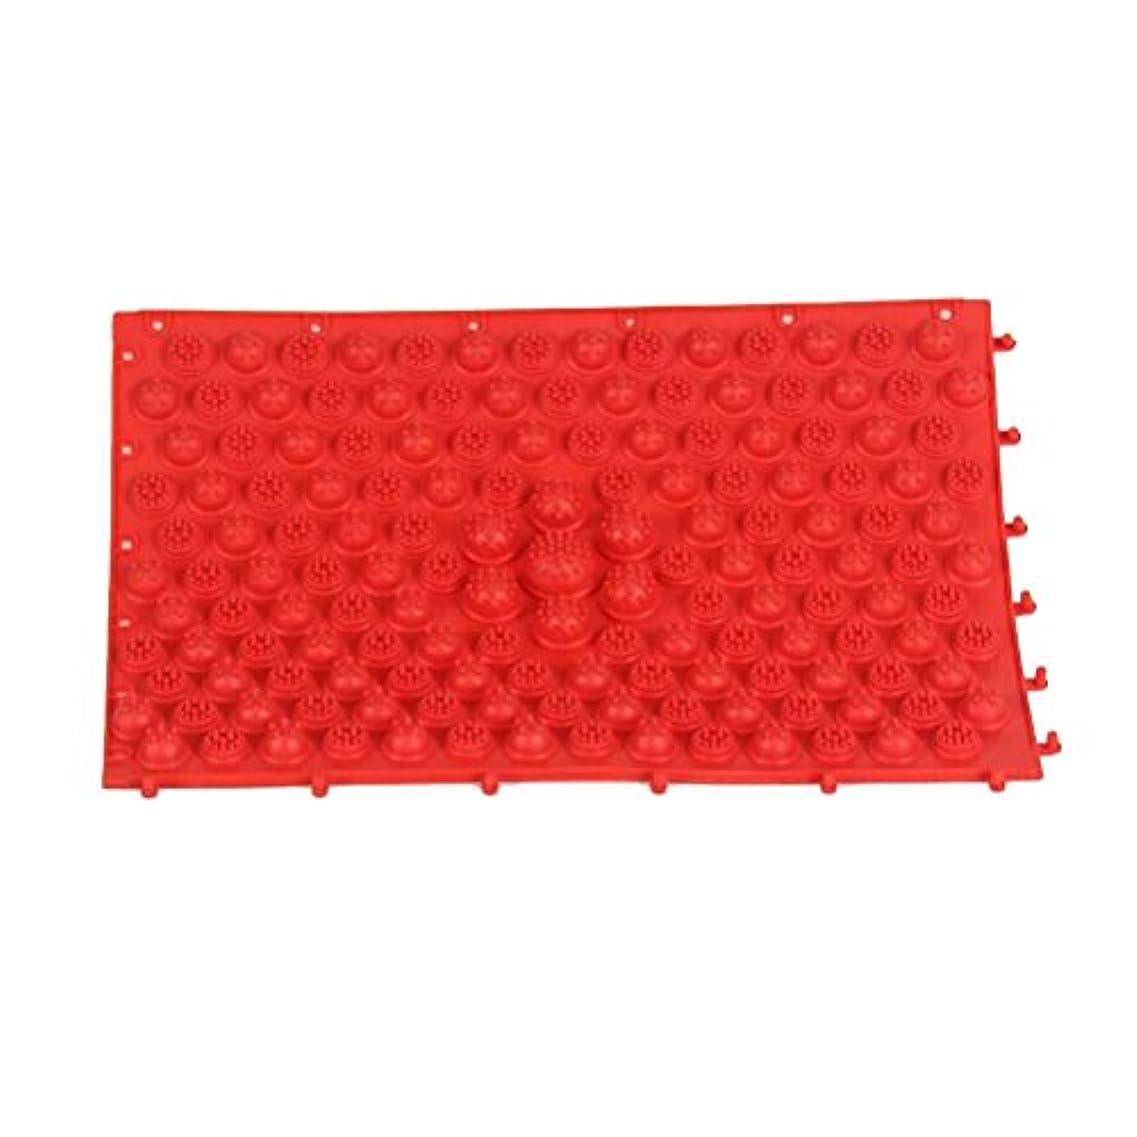 敷居暴露前ROSENICE 足のマッサージマット血液循環指圧マットフィートヘルスケアマッサージプレート(赤)